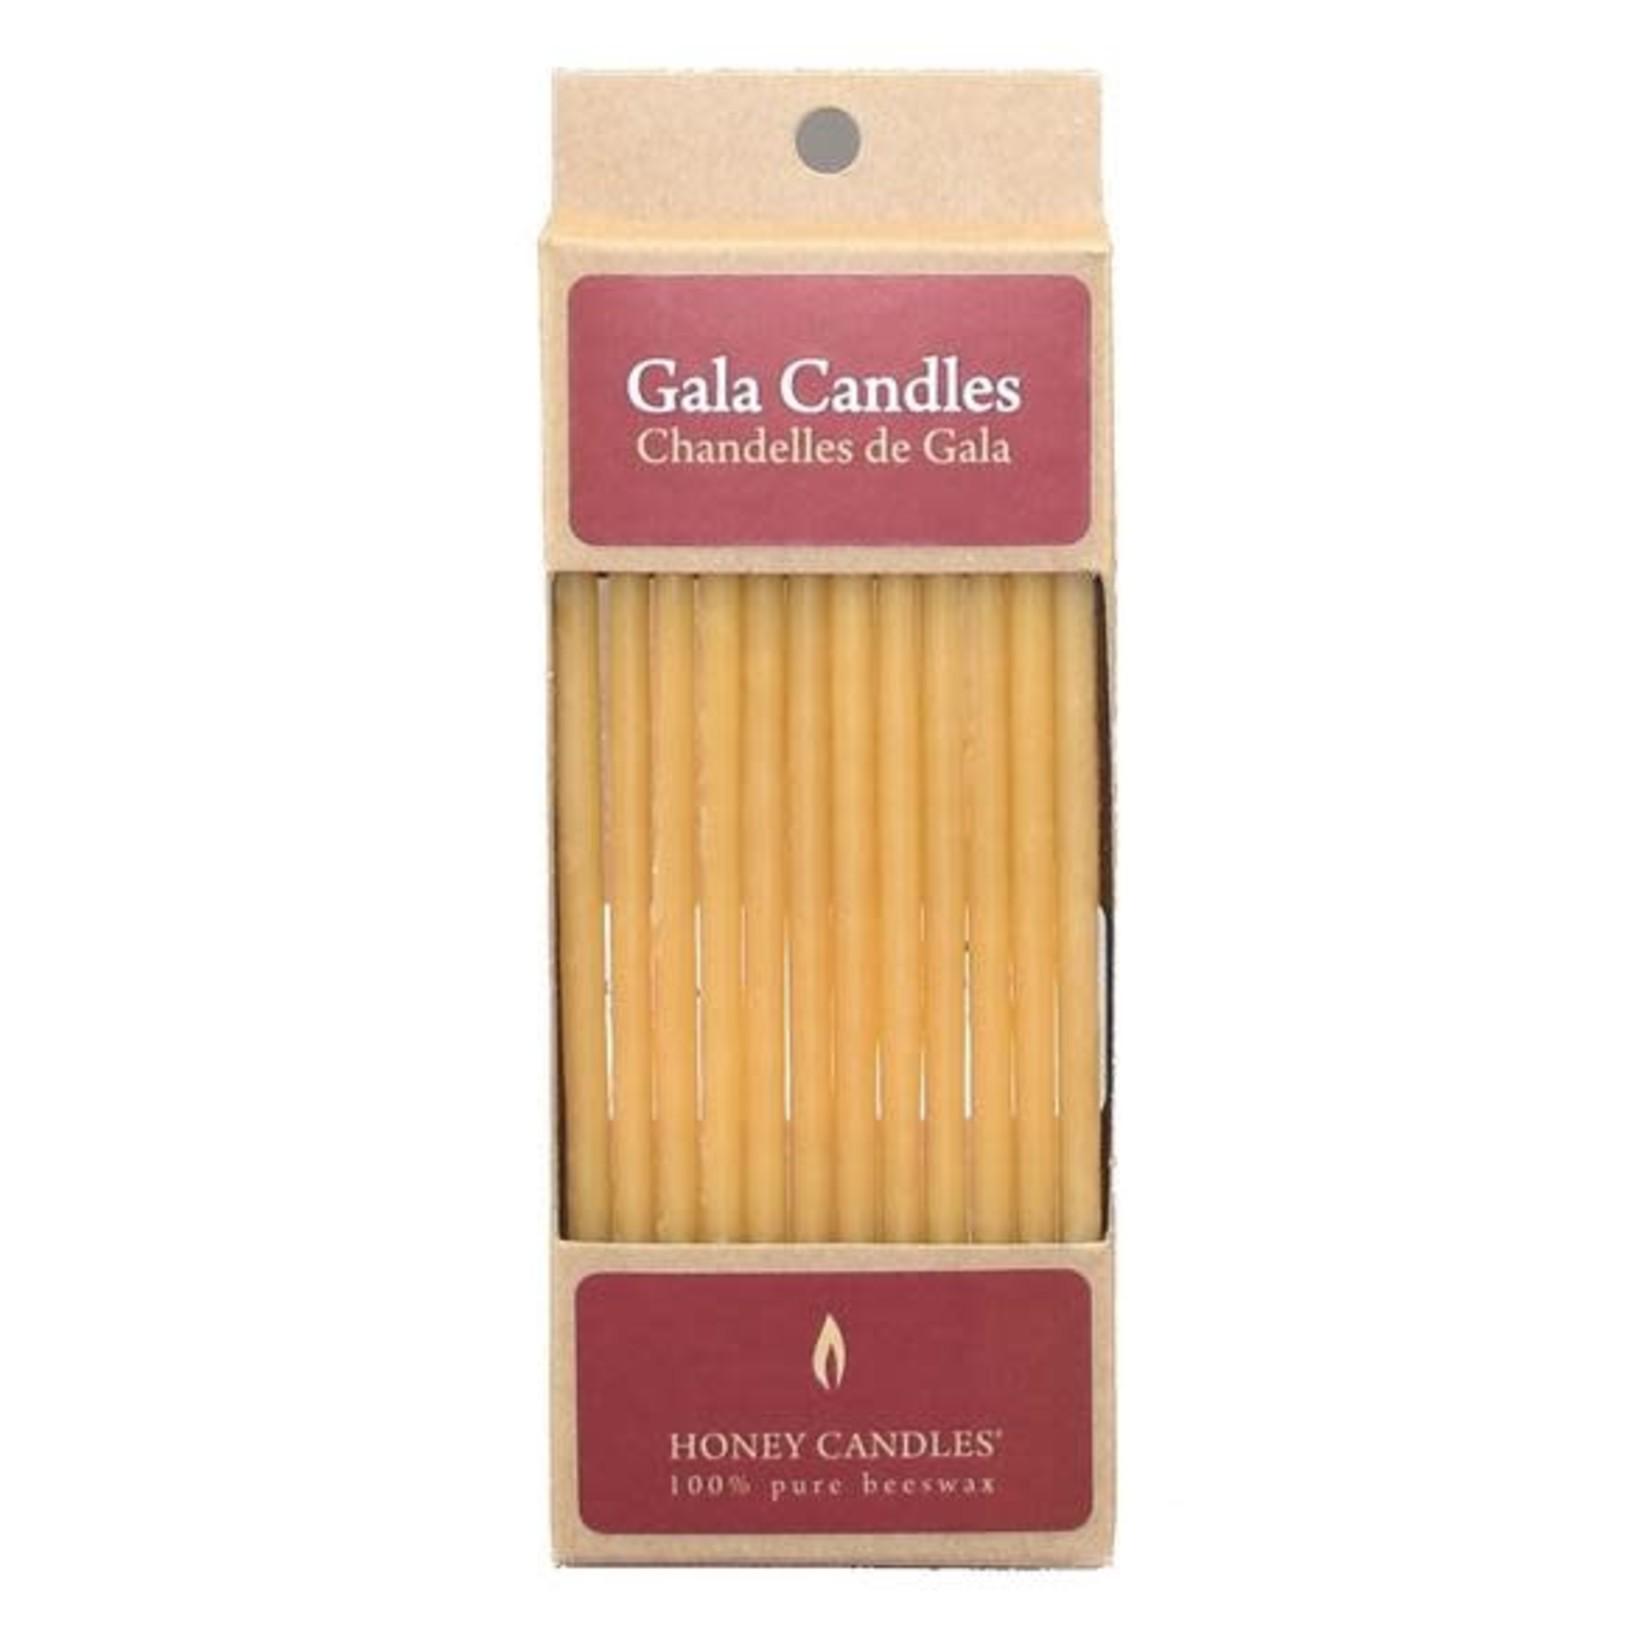 HONEY CANDLES GALA BEESWAX CANDLES - NATURAL